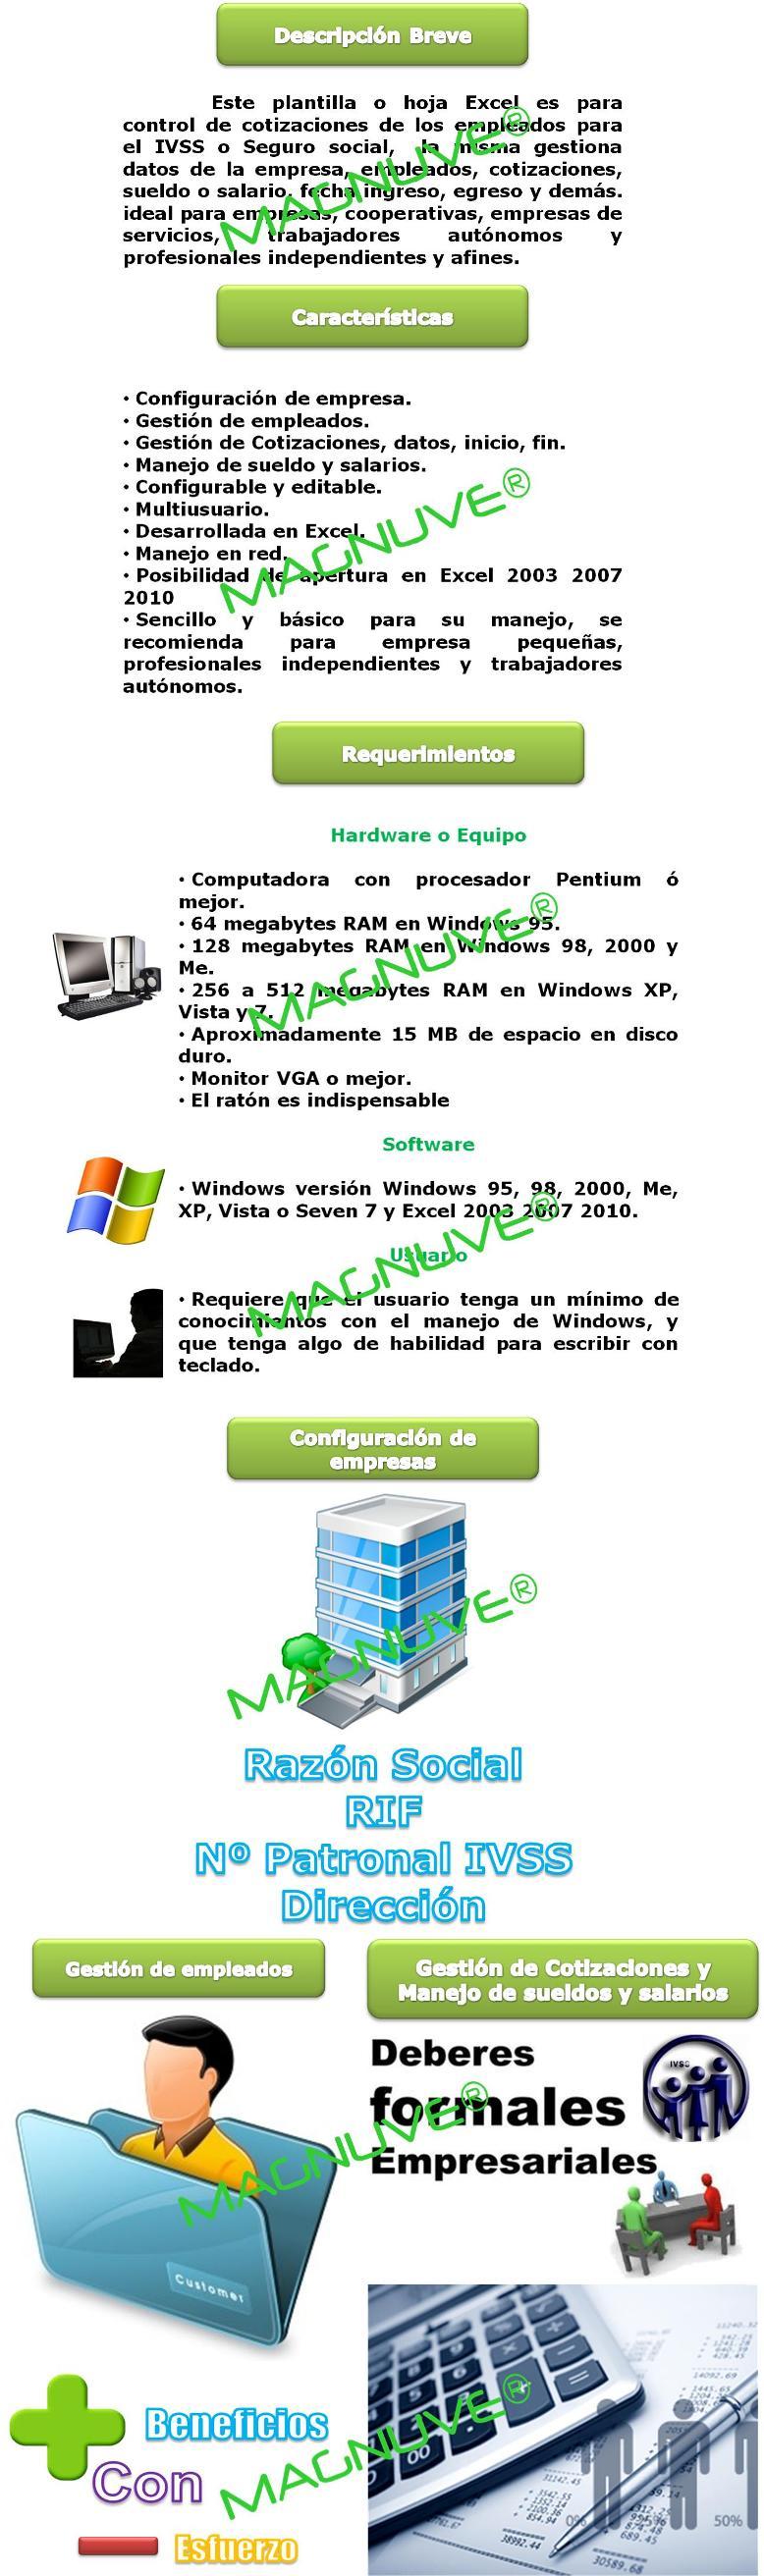 Plantilla Excel Control Registro Patronal Asegurados Ivss